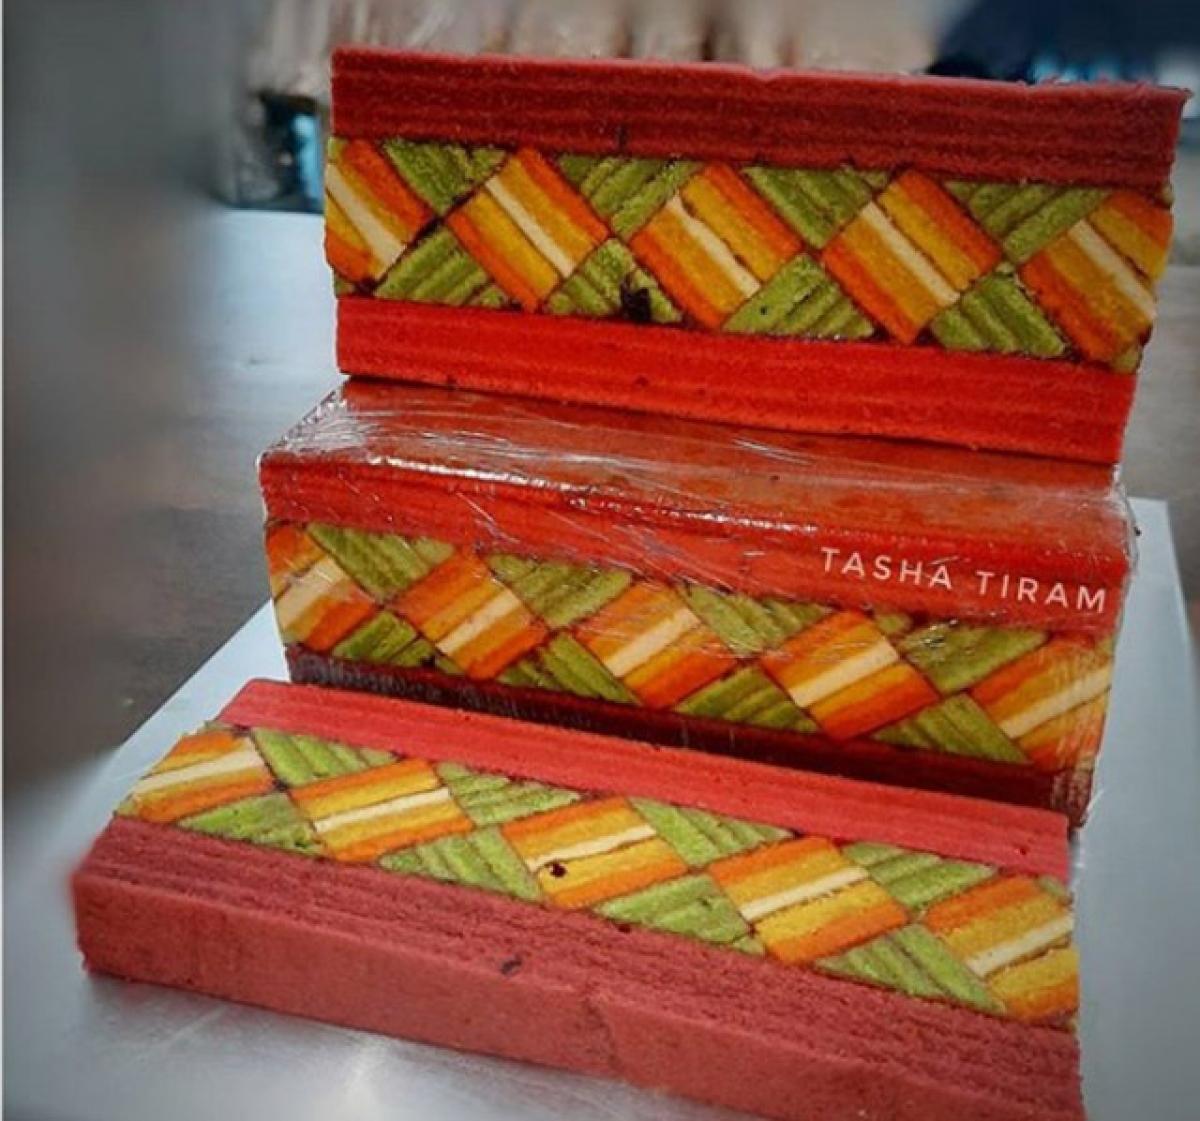 Thực chất loại bánh này là phiên bản nghệ thuật với mức độ đầu tư về hình thức và thời gian hơn hẳn loại bánh gốc Kek Lapis Betawi (bánh ngàn lớp Betawi) của Indonesia.